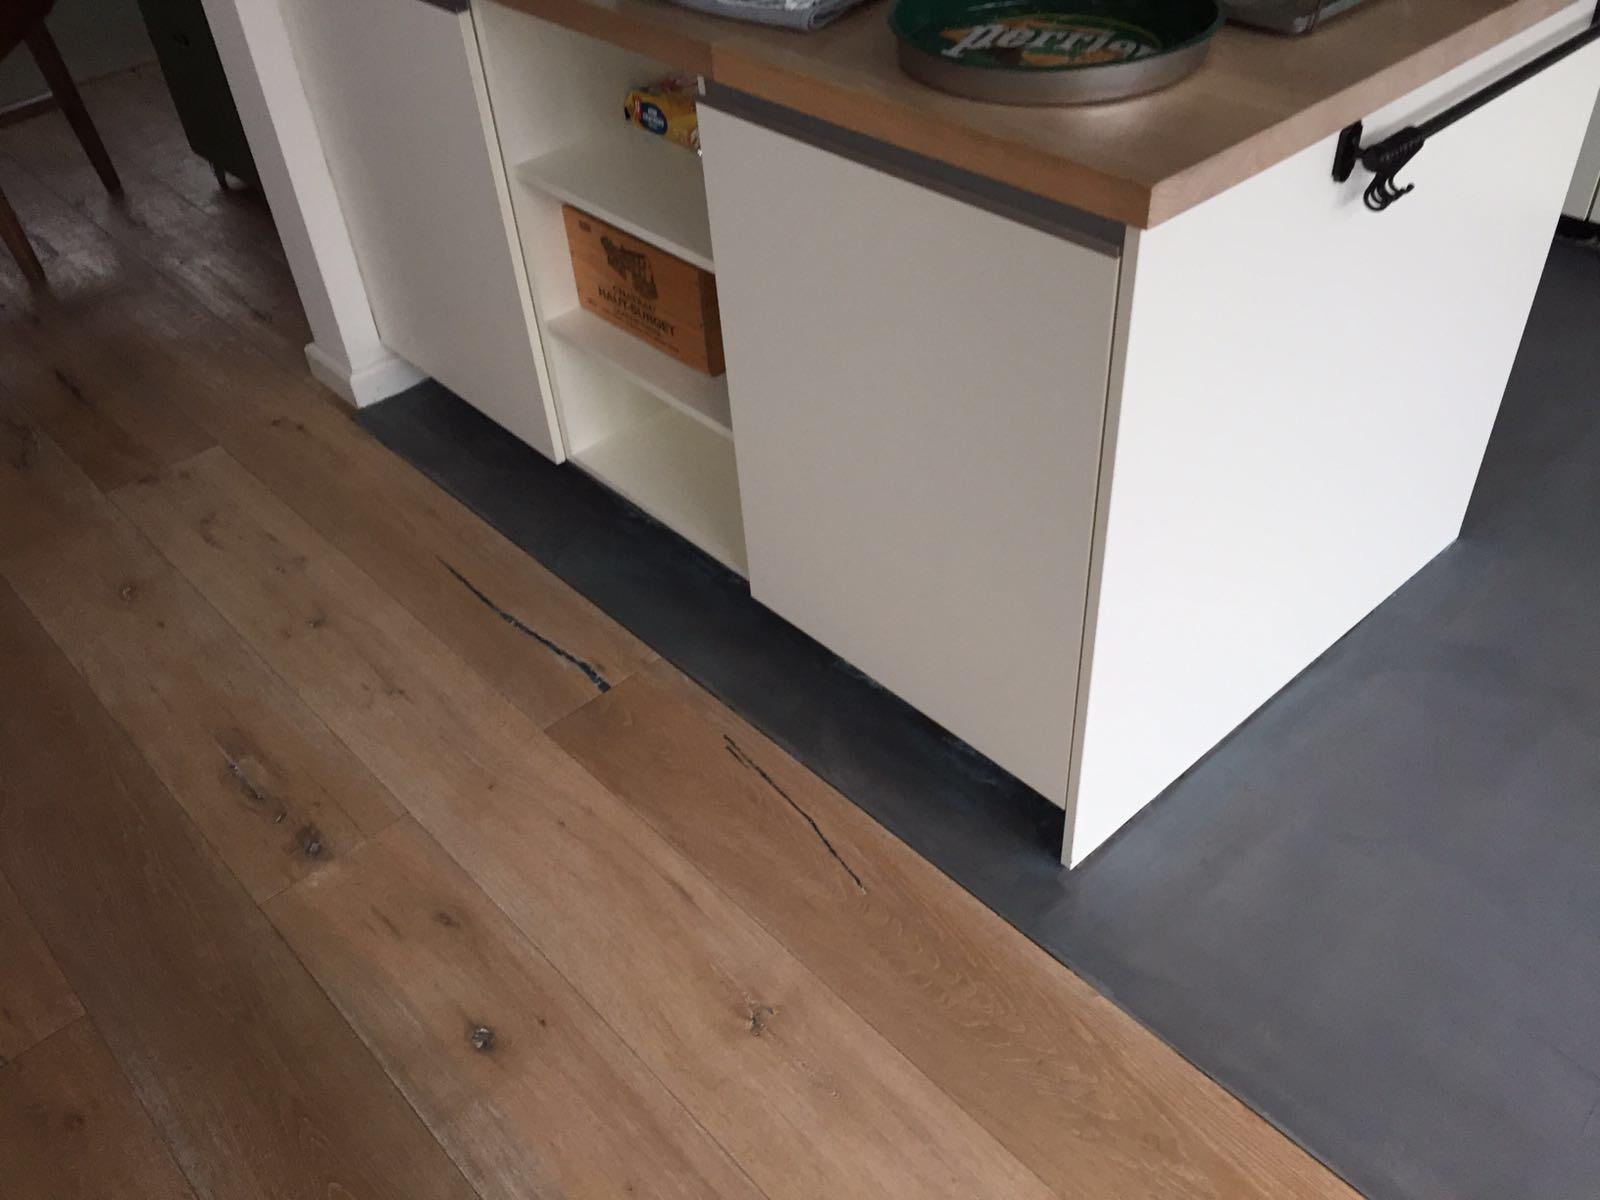 Leef beton keukenvloer u waterdichte betonlook vloer voor in de keuken